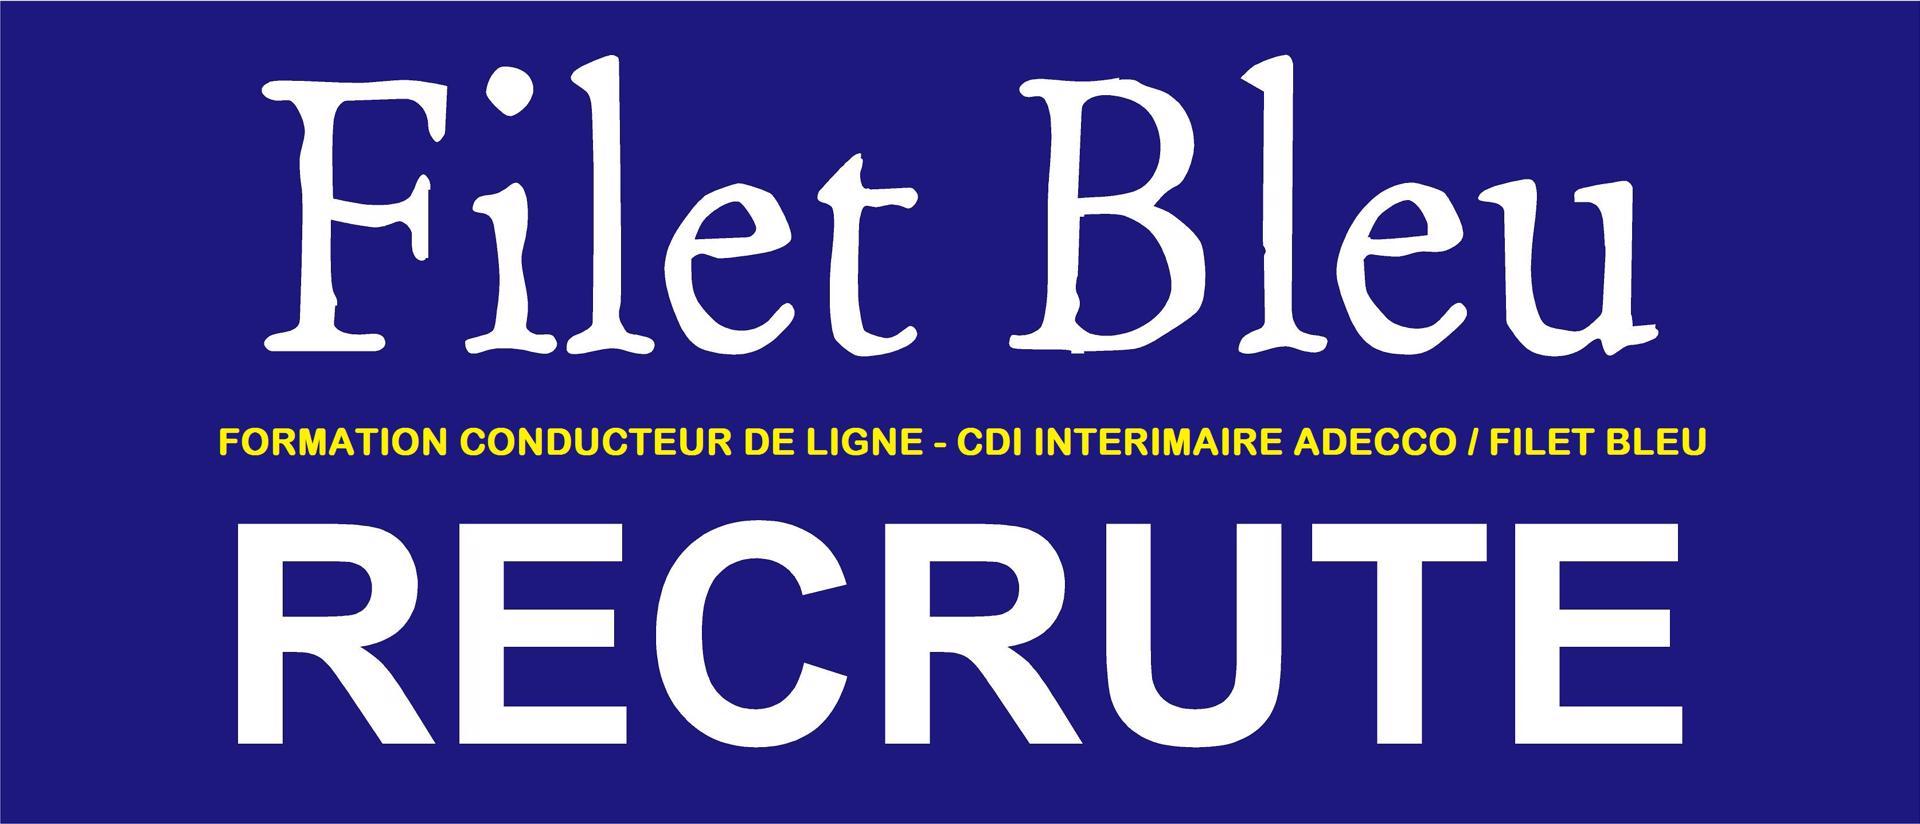 filet bleu formation conducteur de ligne cdi interimaire adecco filet bleu agromousquetaires. Black Bedroom Furniture Sets. Home Design Ideas